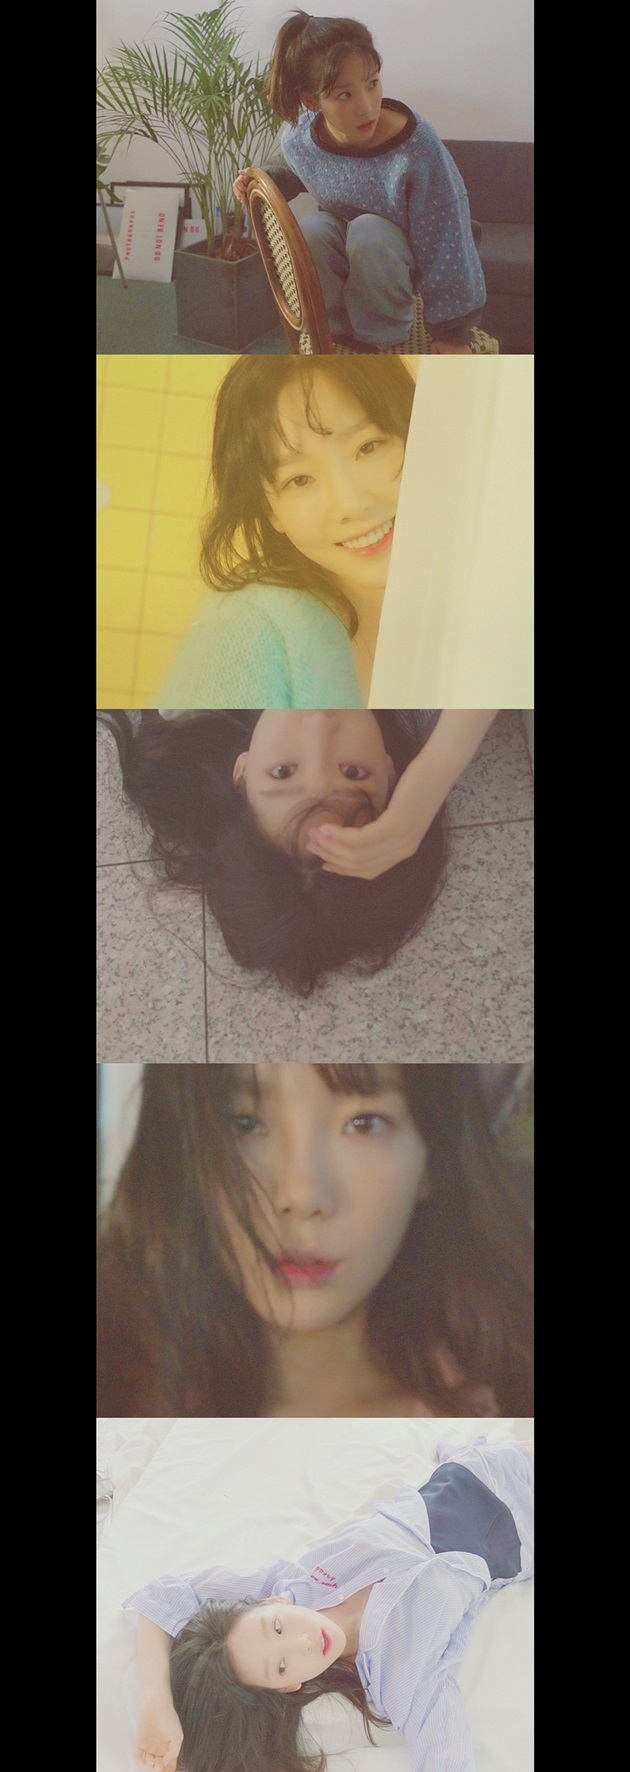 태연, '겨울나무' 스페셜 비디오 공개…팬 사랑 보답